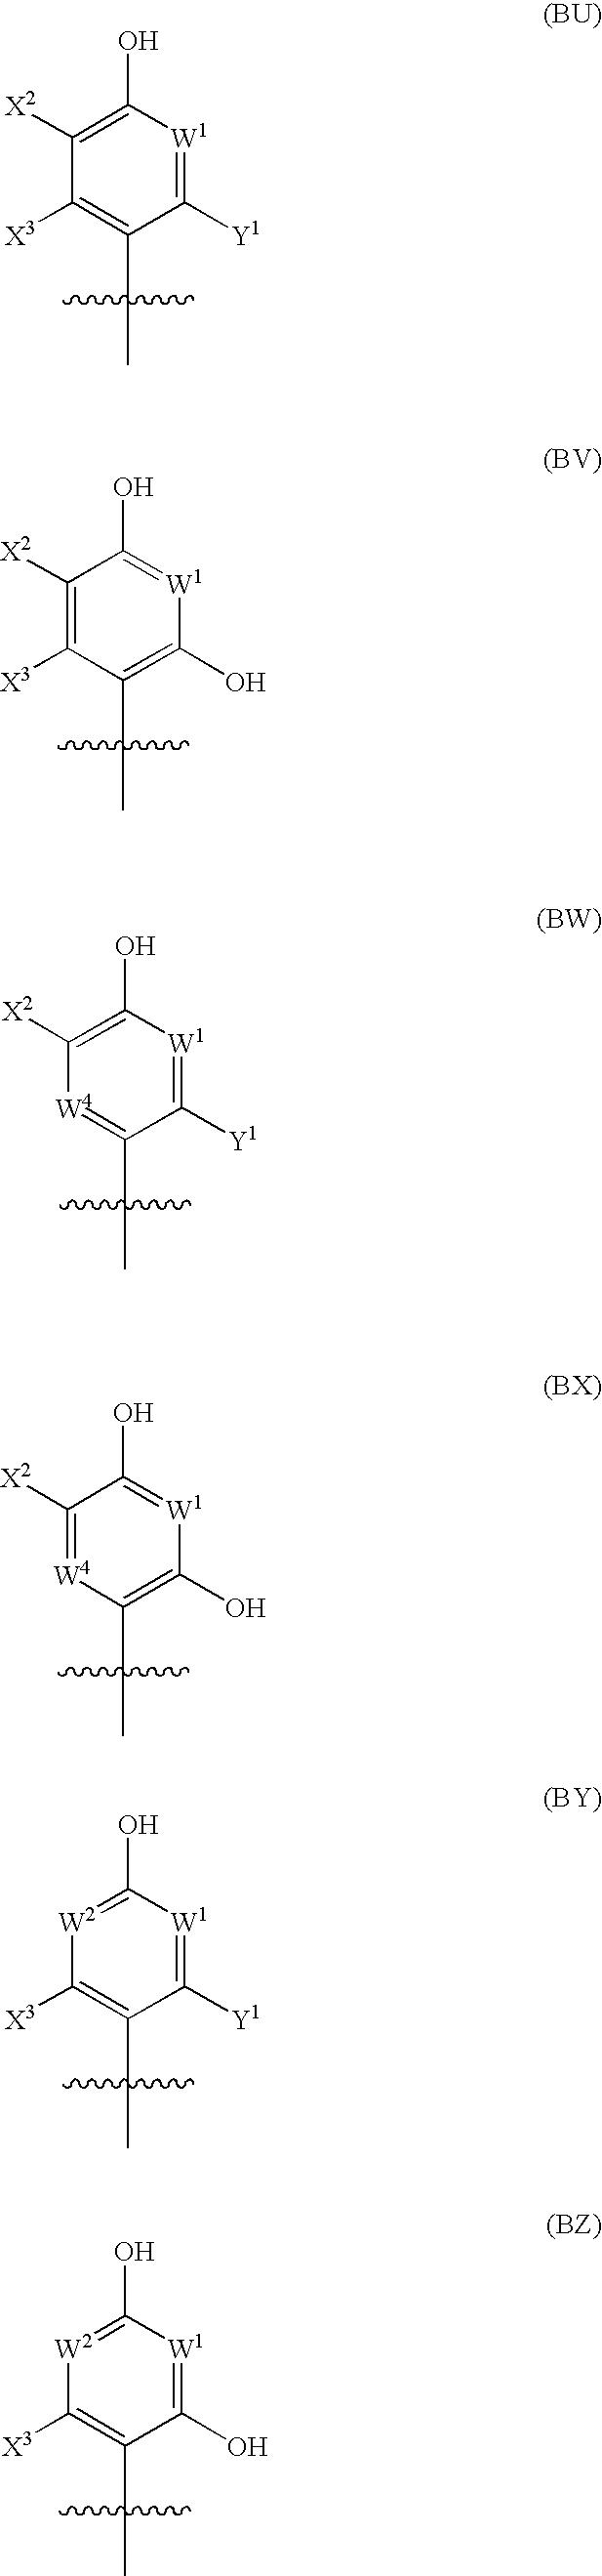 Figure US07608600-20091027-C00037